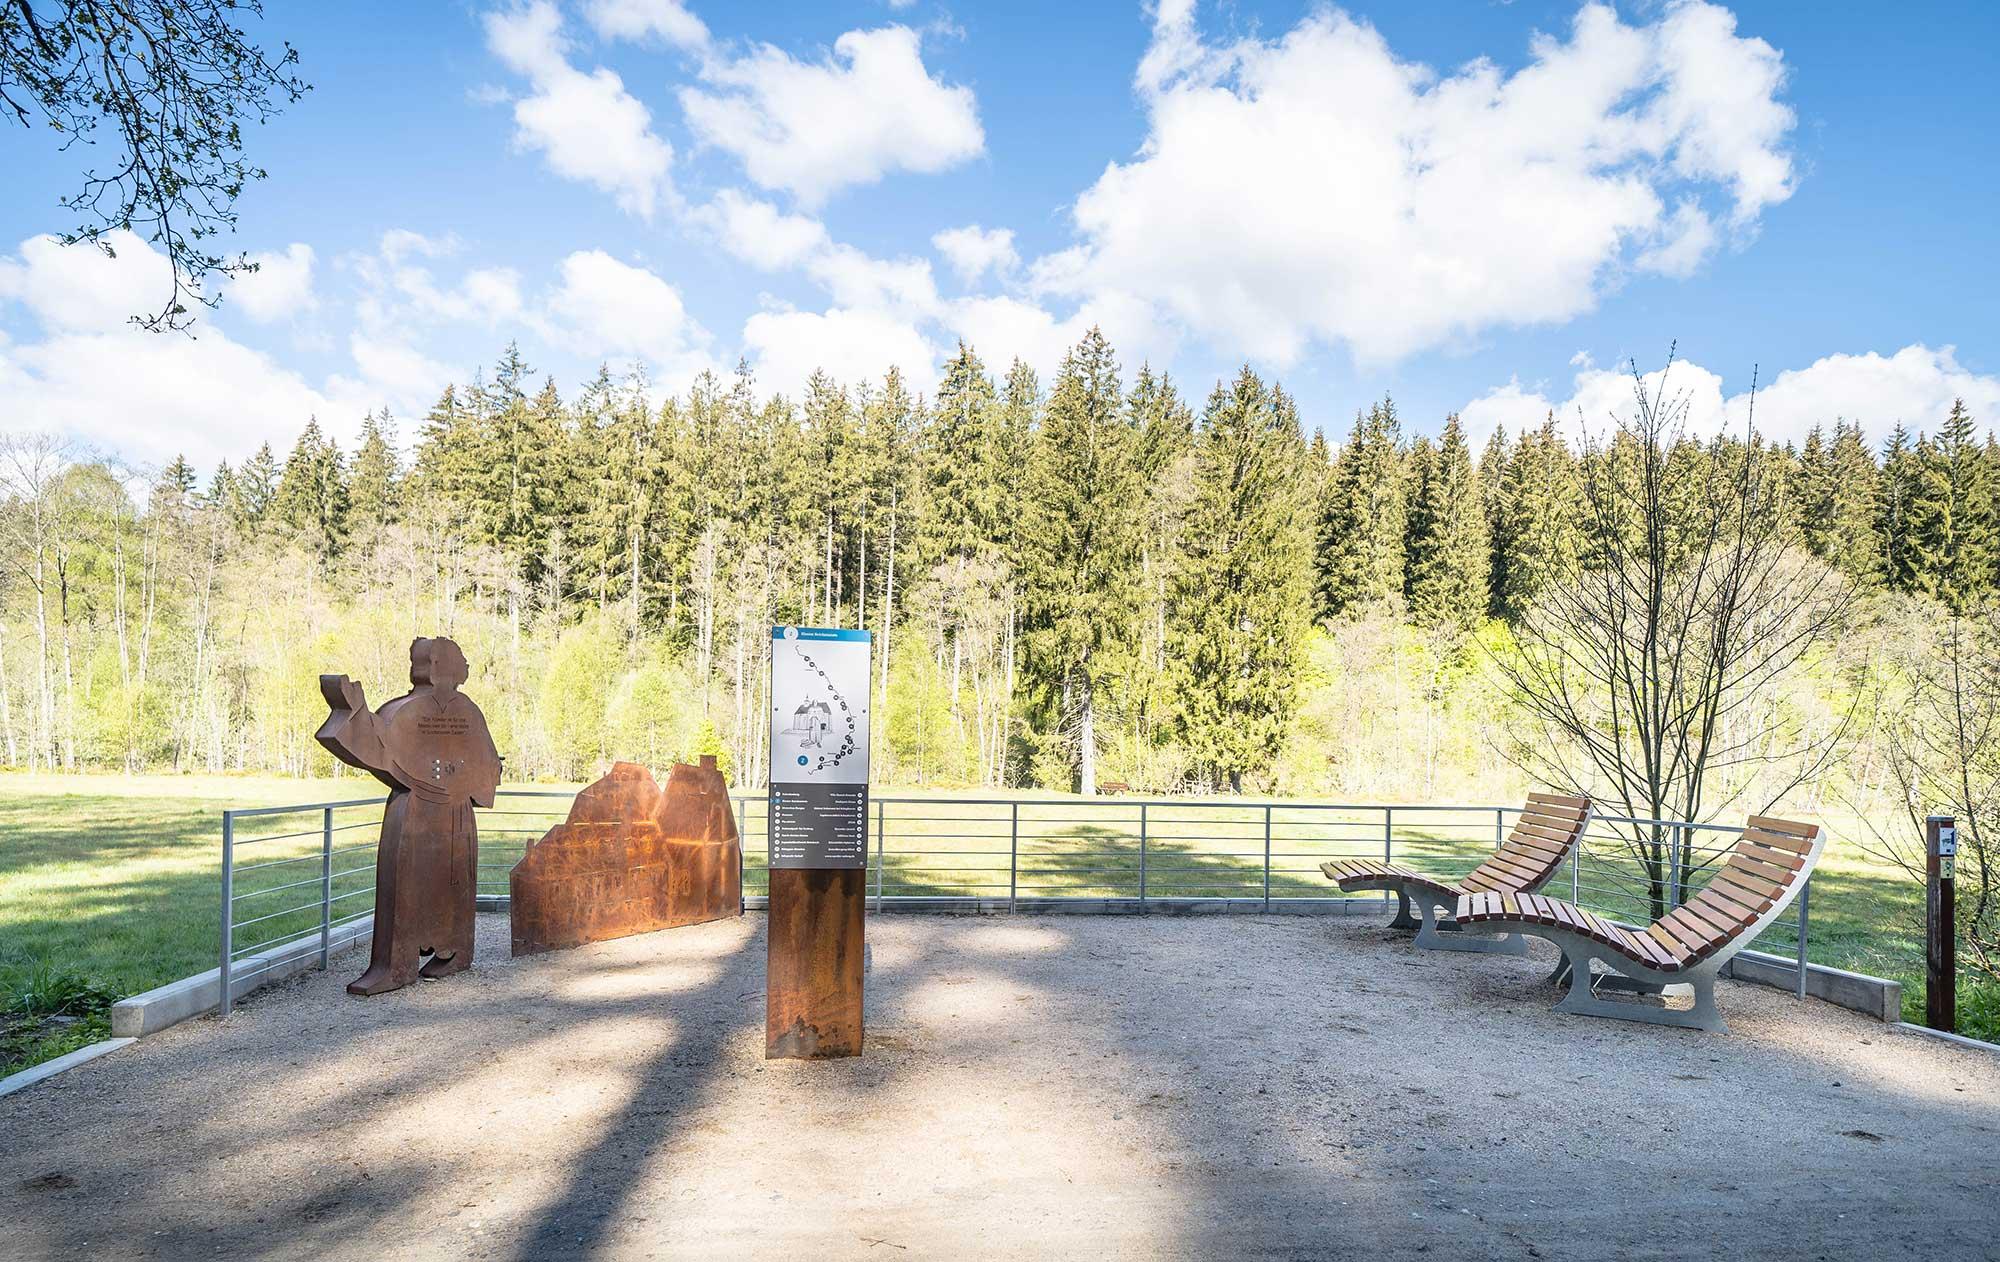 RurUfer-Radweg Rast- und Erlebnisstation Prior Stephan Horrichem vom Kloster Reichenstein